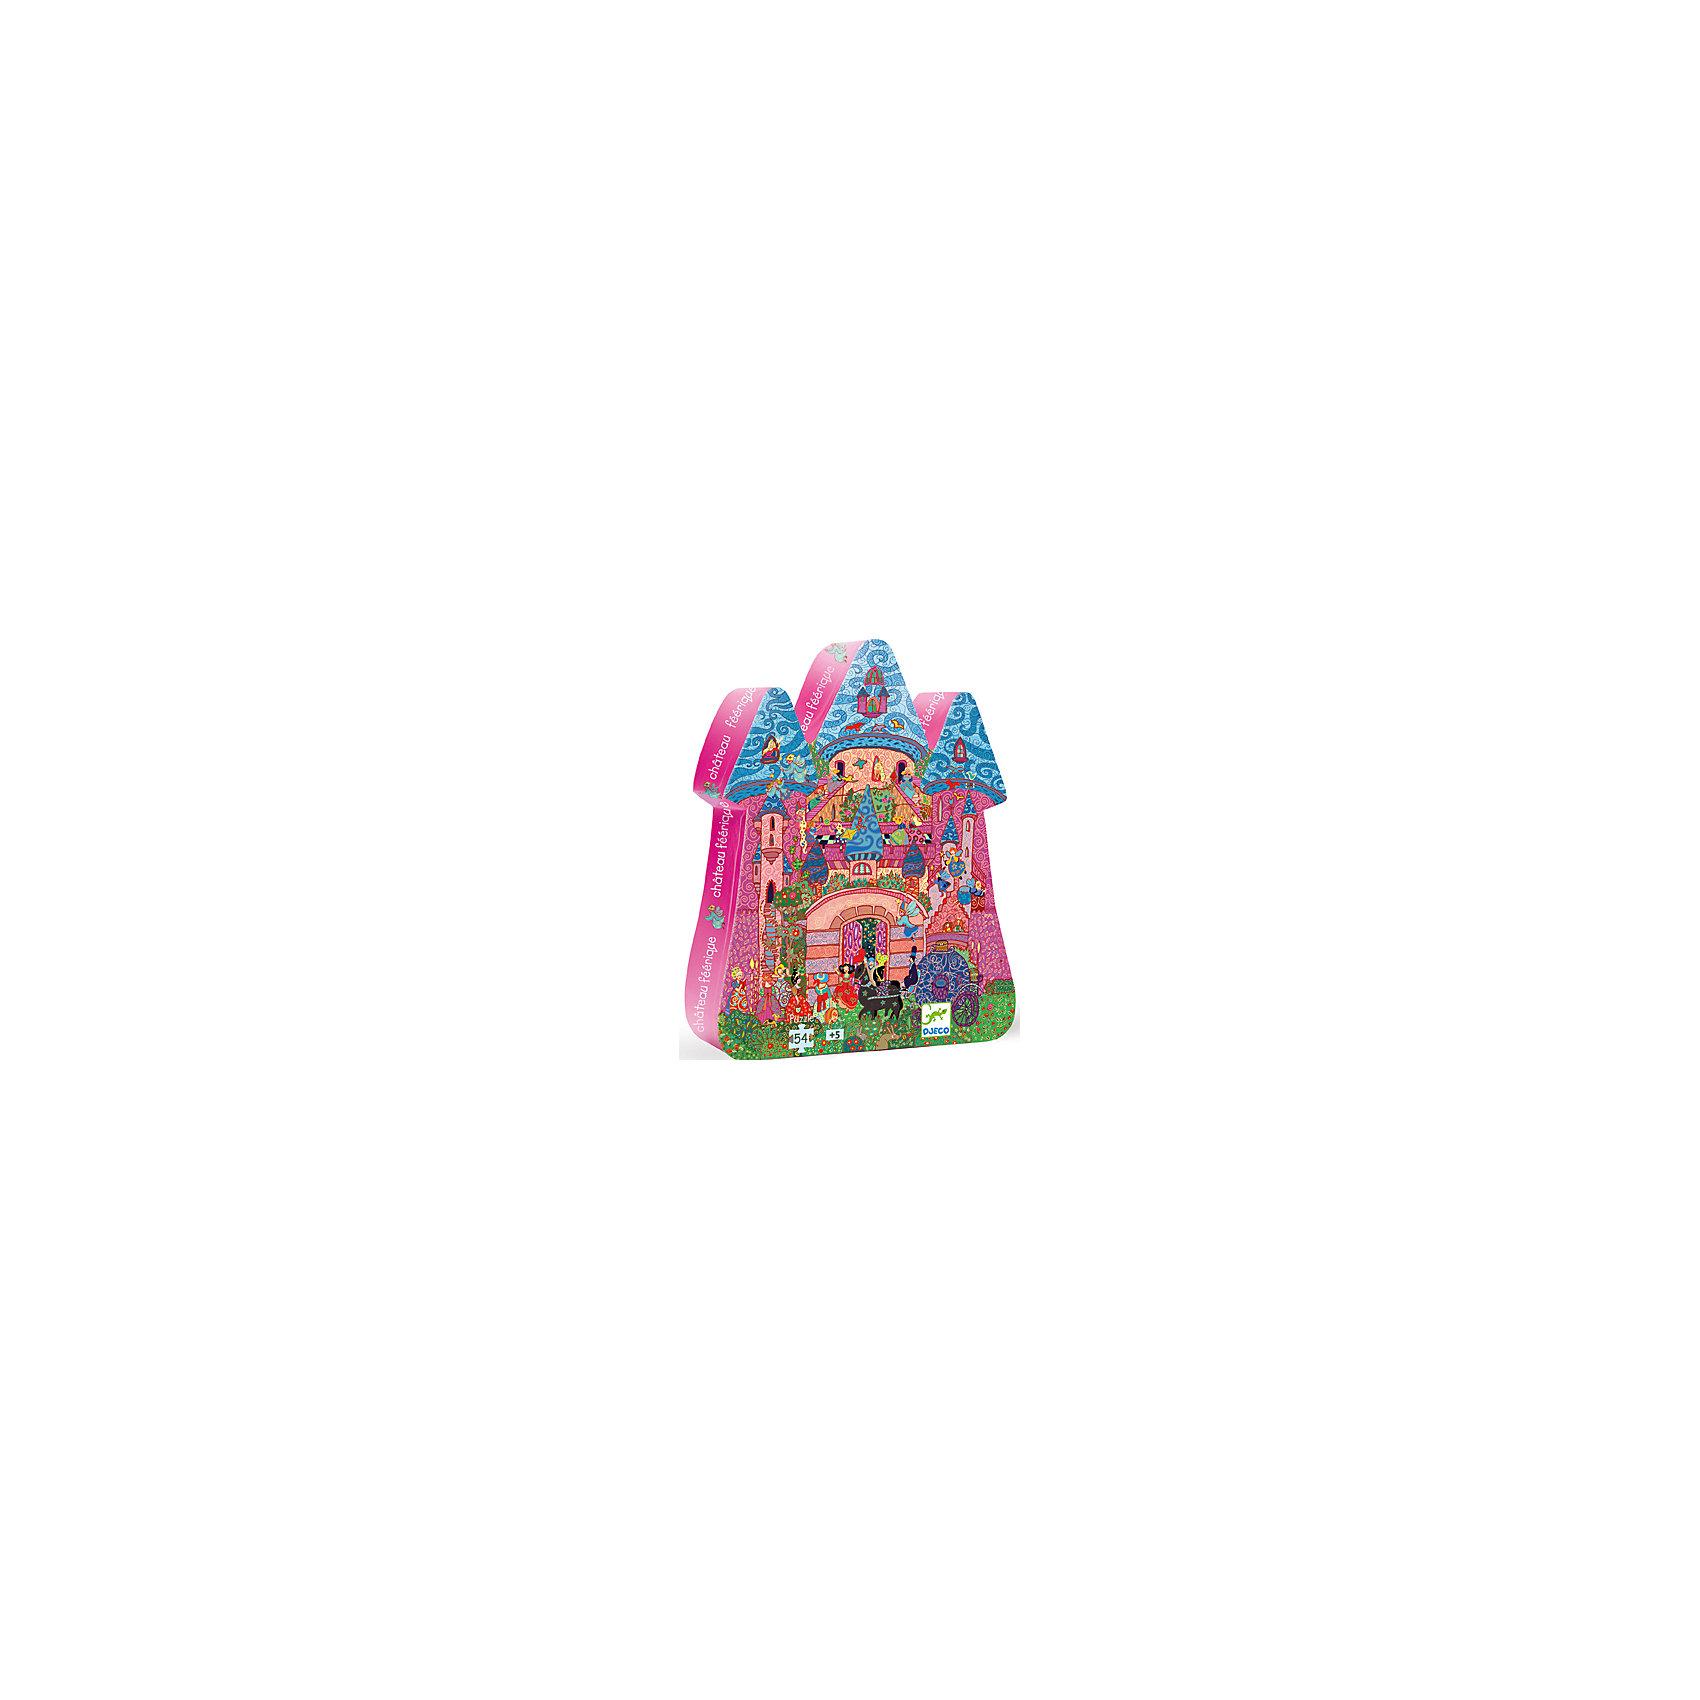 DJECO Пазл Сказочный замок, 54 детали, DJECO тотошка мозаика сказочный замок